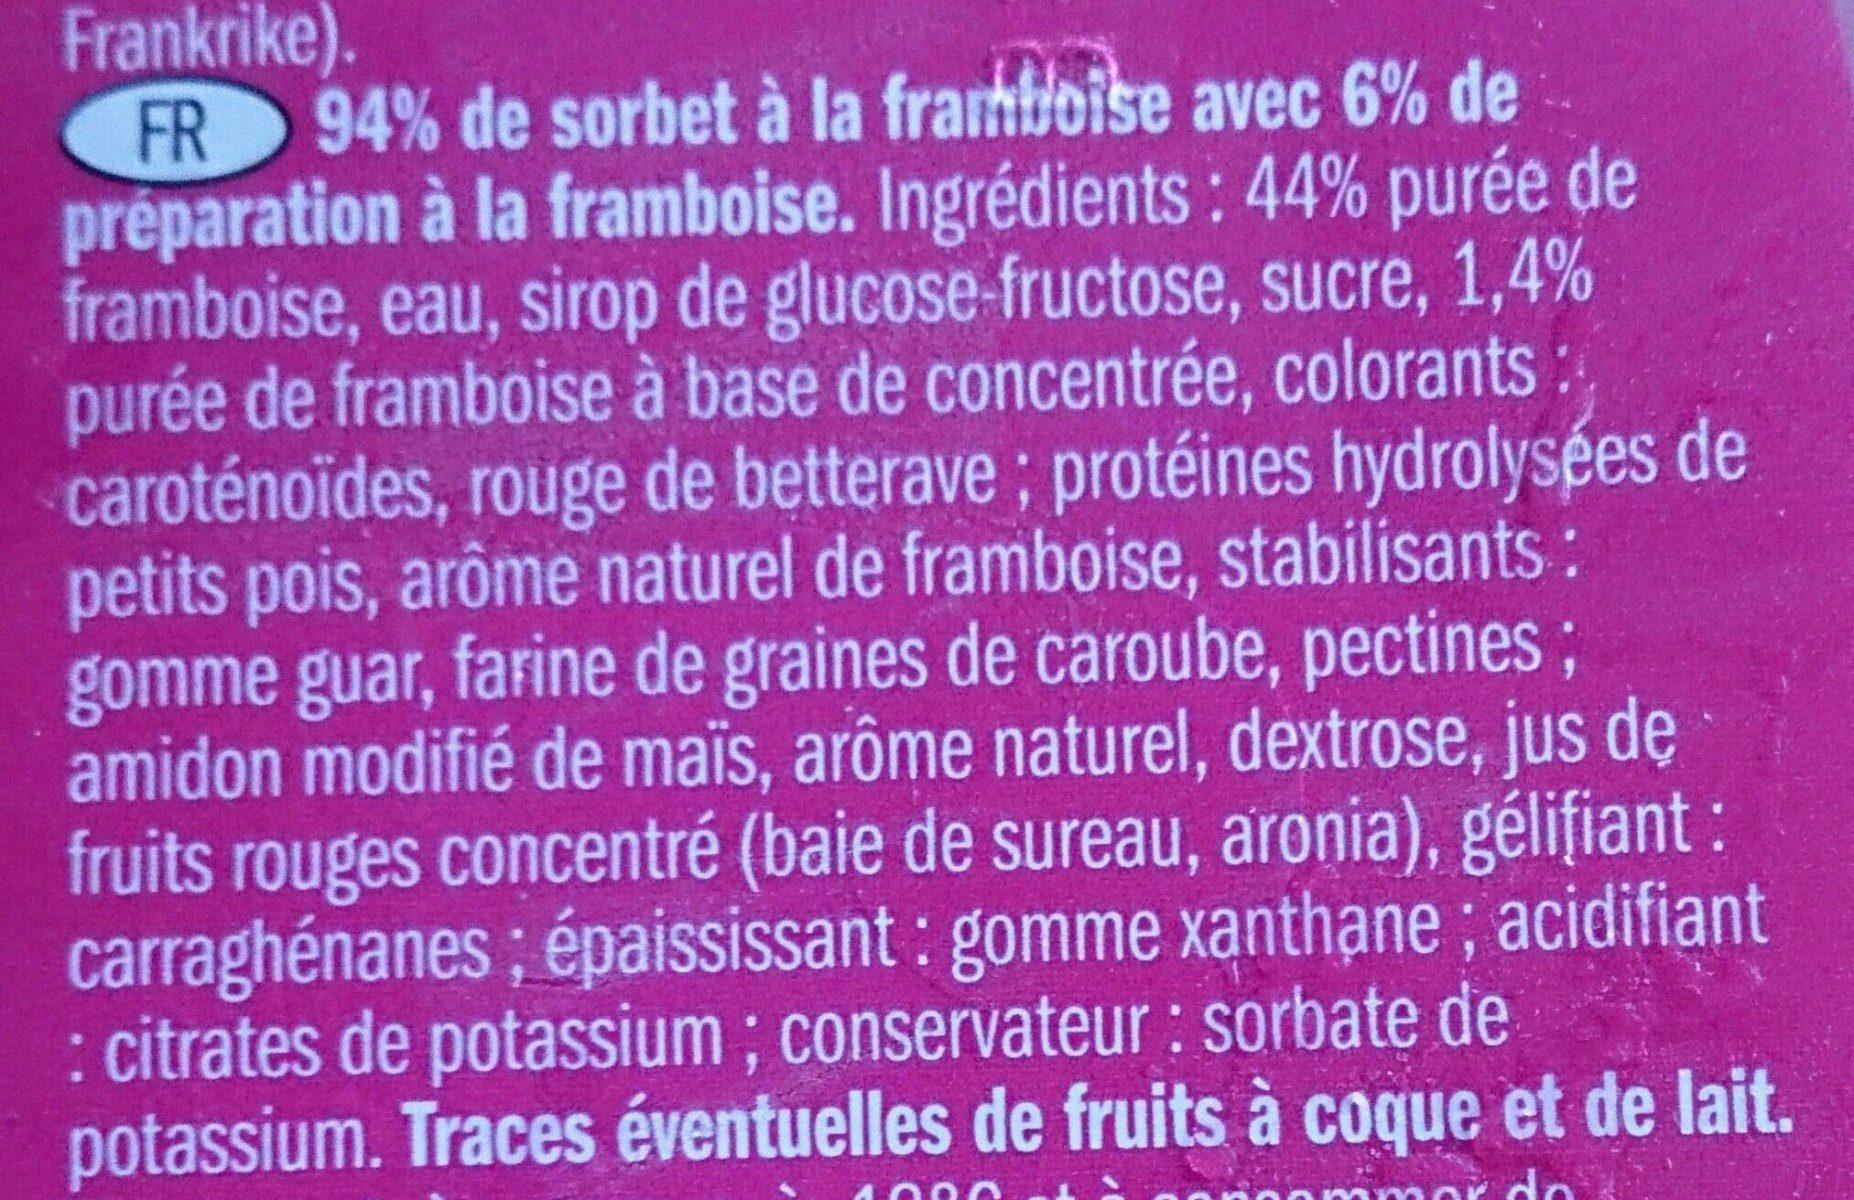 Sorbet a la framboise - Ingrédients - fr